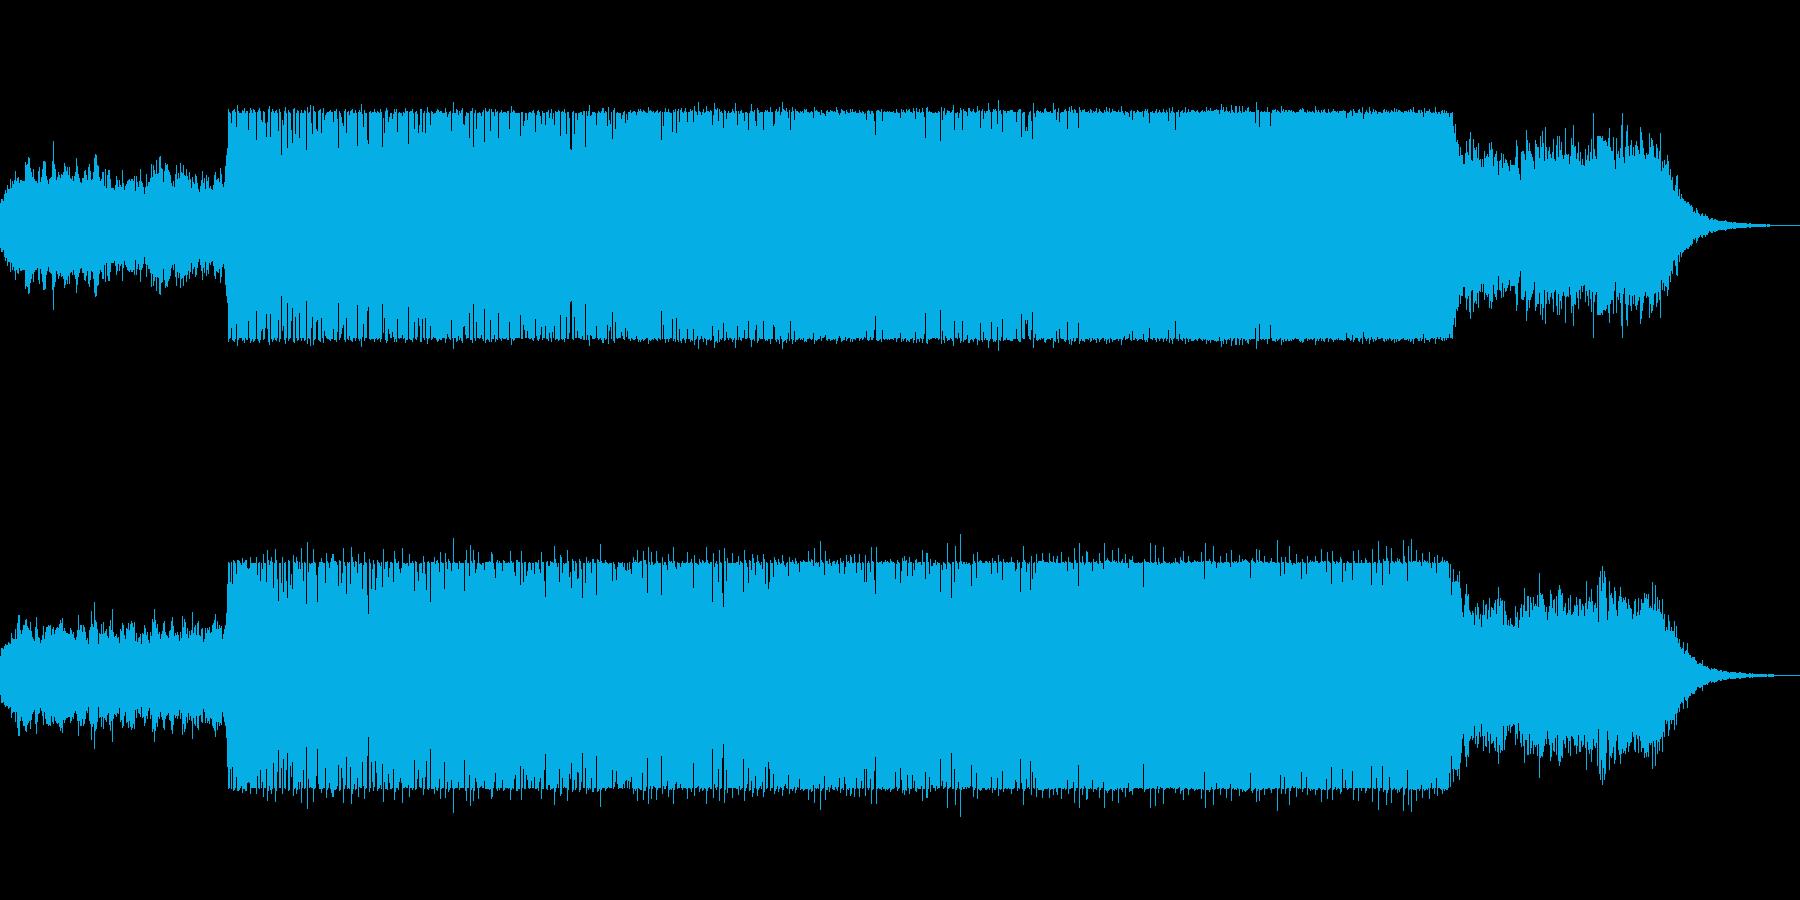 bpm98の壮大で重厚感のあるテクノの再生済みの波形